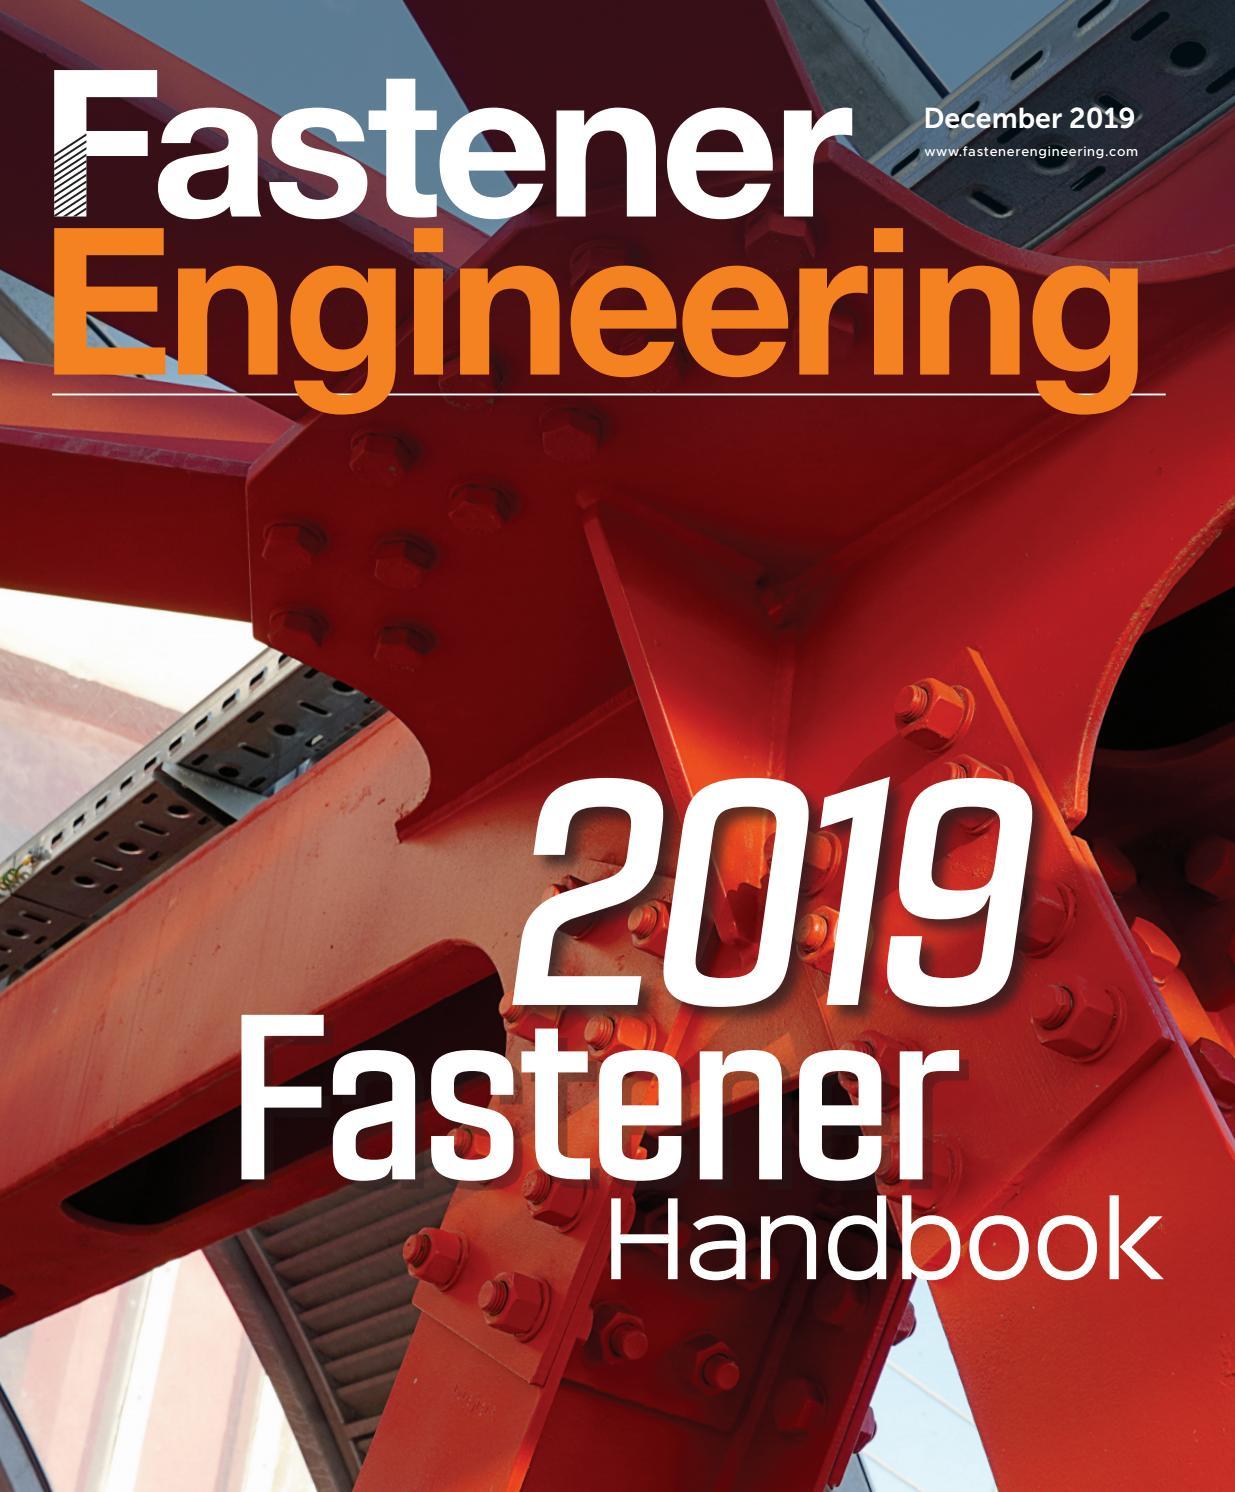 DESIGN WORLD - FASTENER ENGINEERING HANDBOOK 2019 by WTWH ...